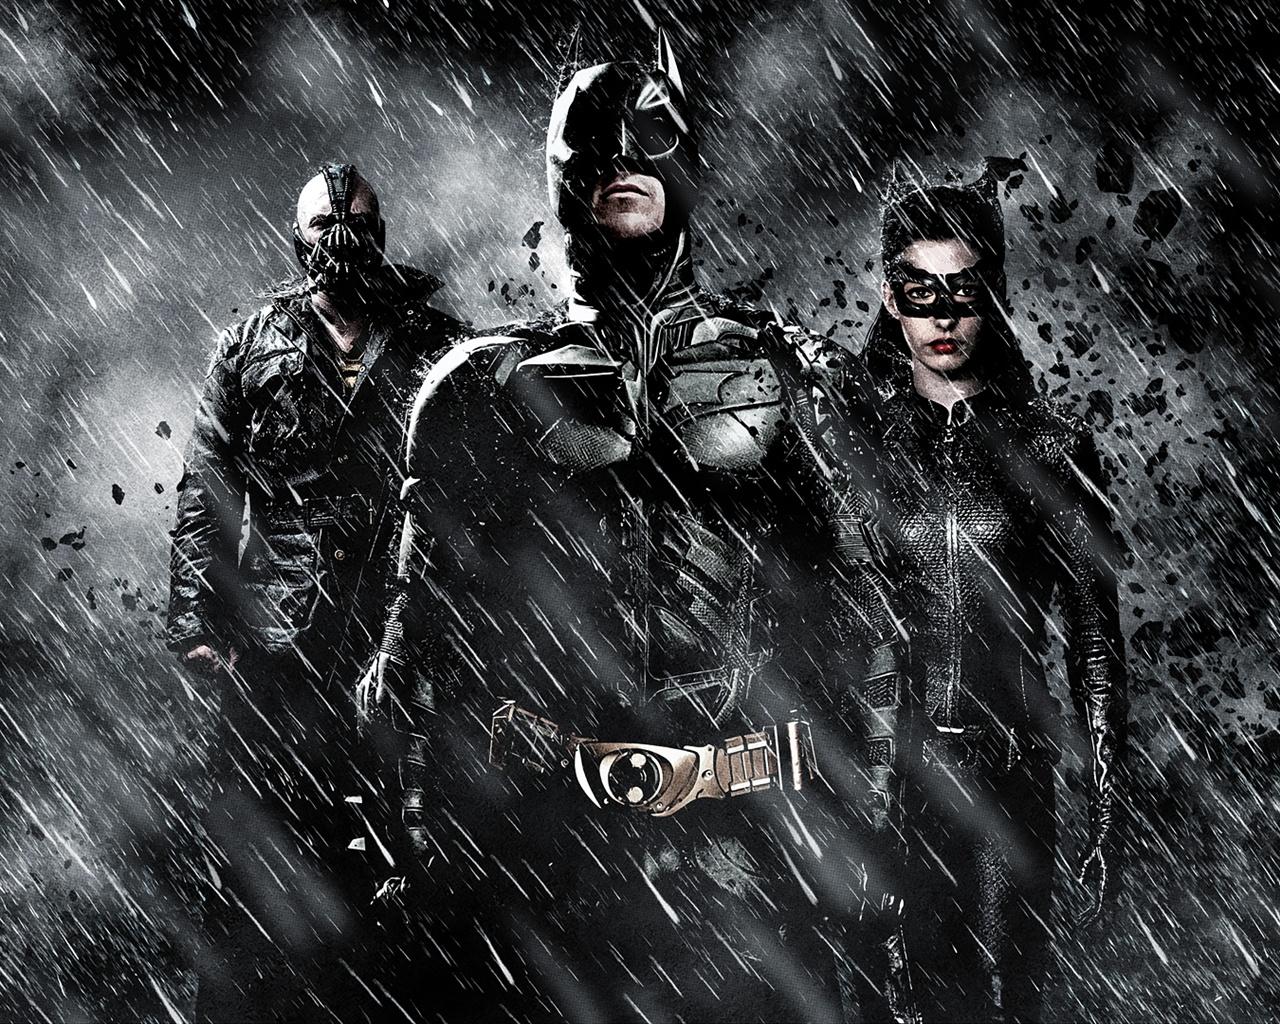 http://2.bp.blogspot.com/-4pT8h50qJMQ/T8teSC3GXVI/AAAAAAAADJ4/n07hWQUytIo/s1600/The-Dark-Knight-Rises-HD_1280x1024.jpg